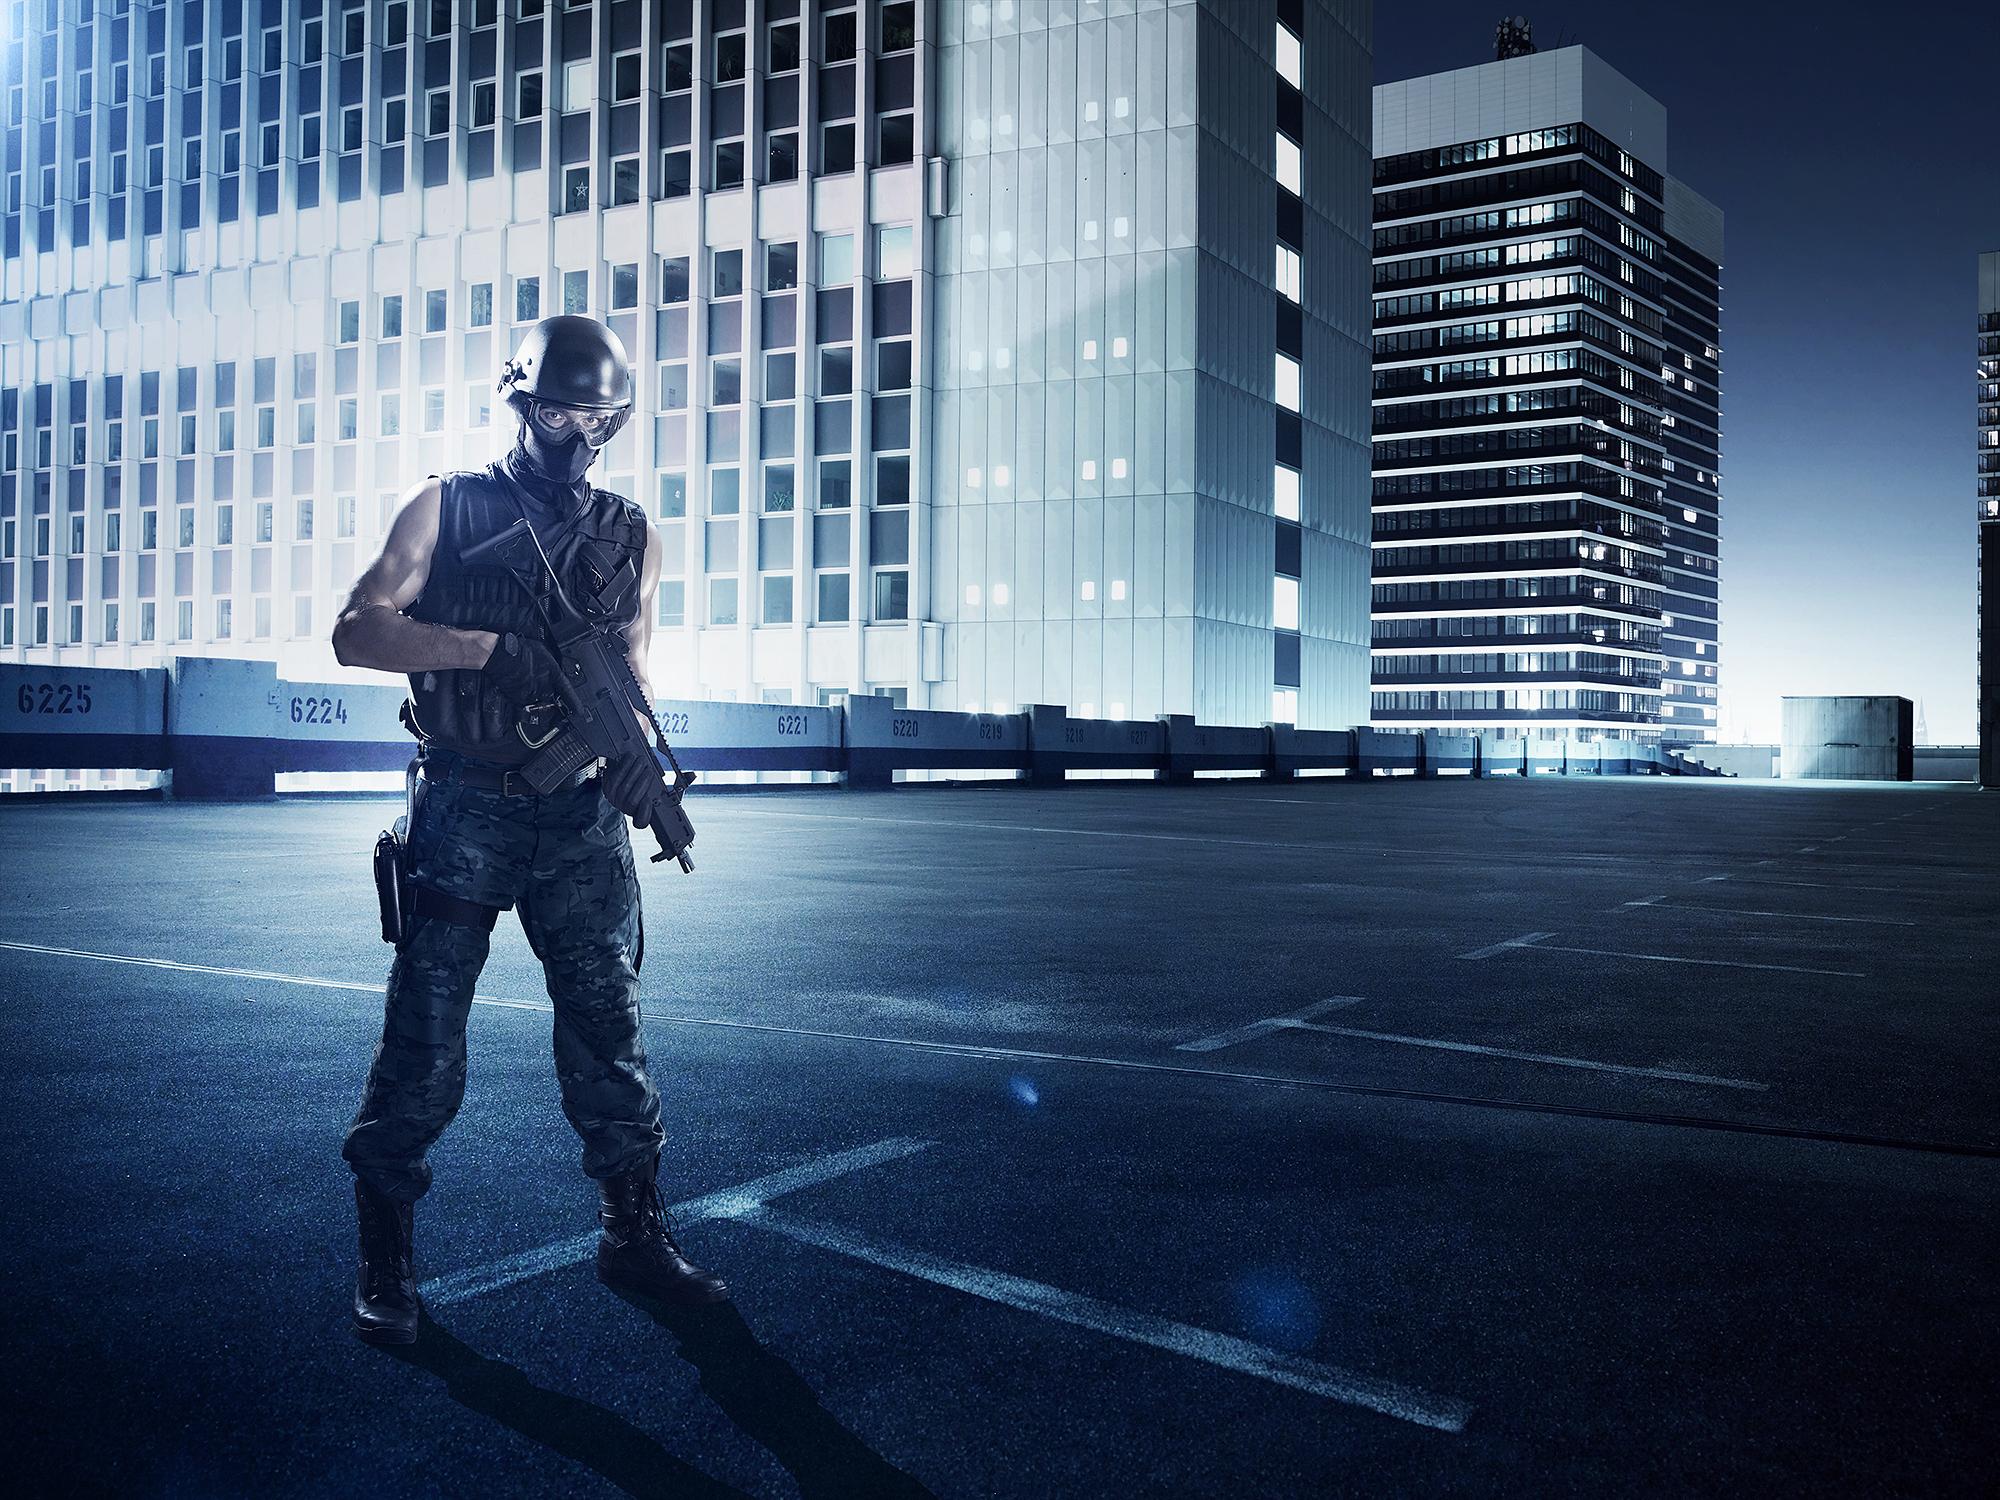 swat-final